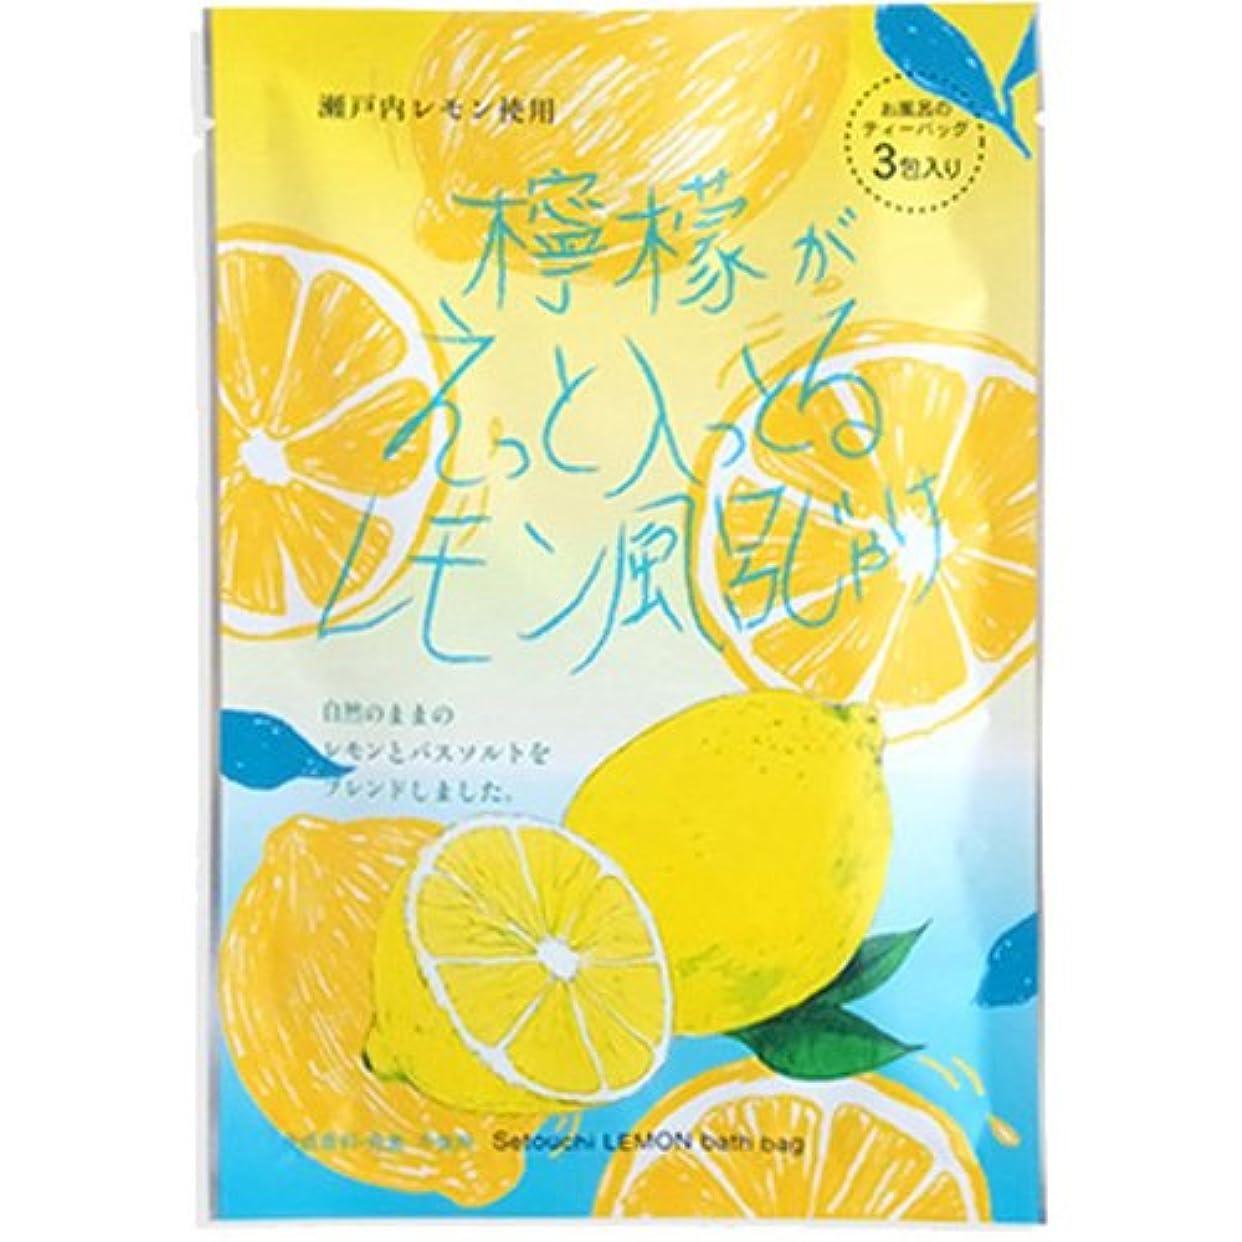 見つけたわざわざ球体檸檬がえっと入っとるレモン風呂じゃけ